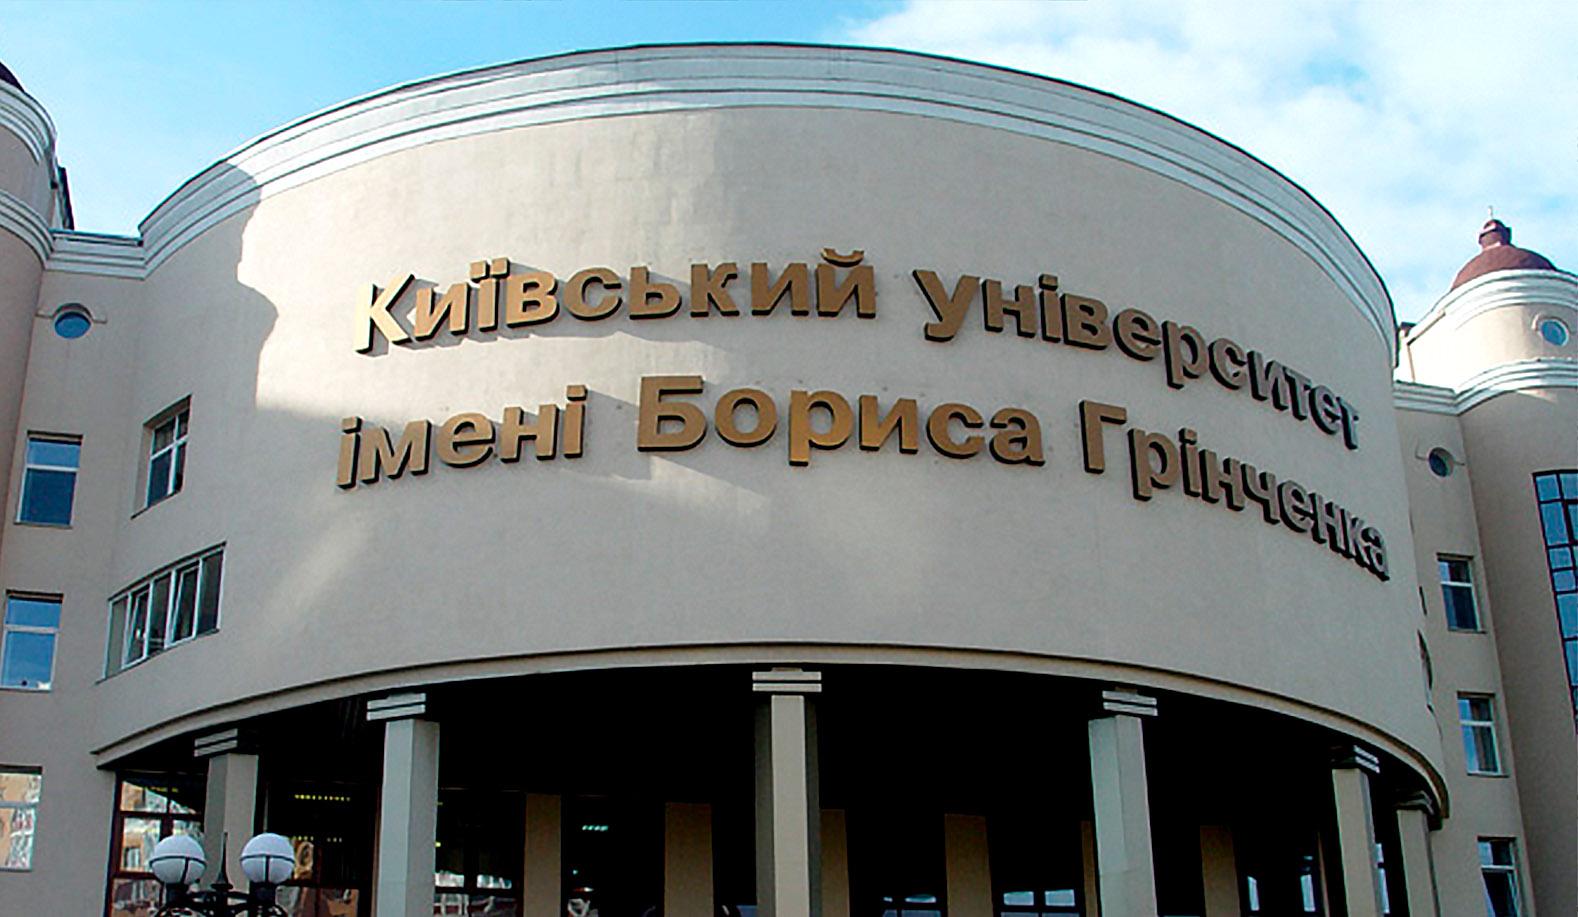 Виготовлення та монтаж об'ємних букв із внутрішньою підсвіткою для «Київського університету імені Бориса Грінченка»